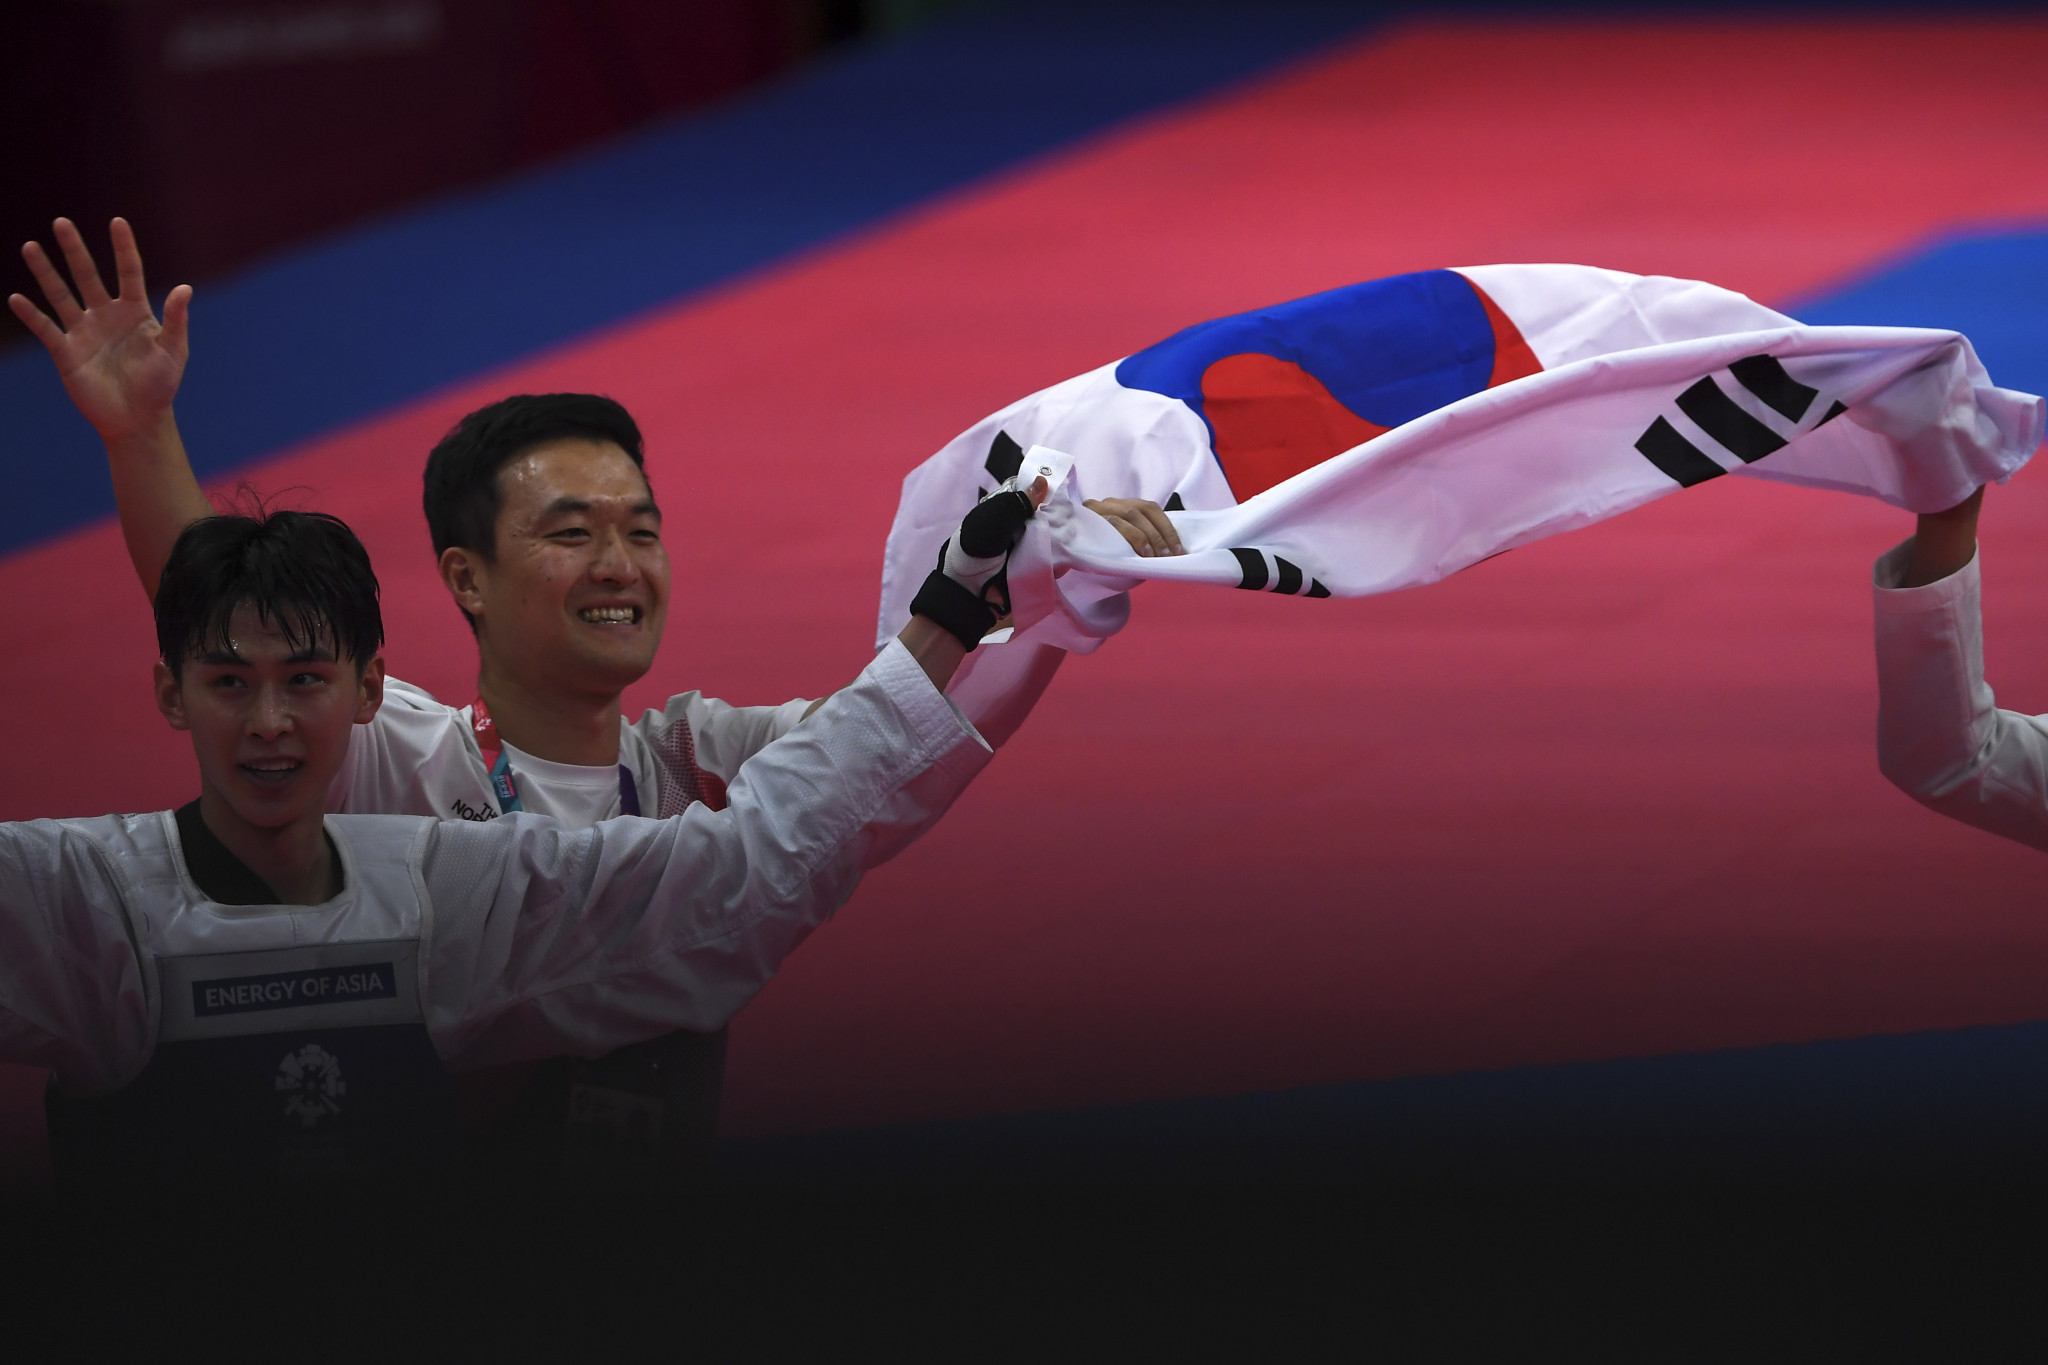 World champion Kim claims historic gold medal as taekwondo action continues at 2018 Asian Games